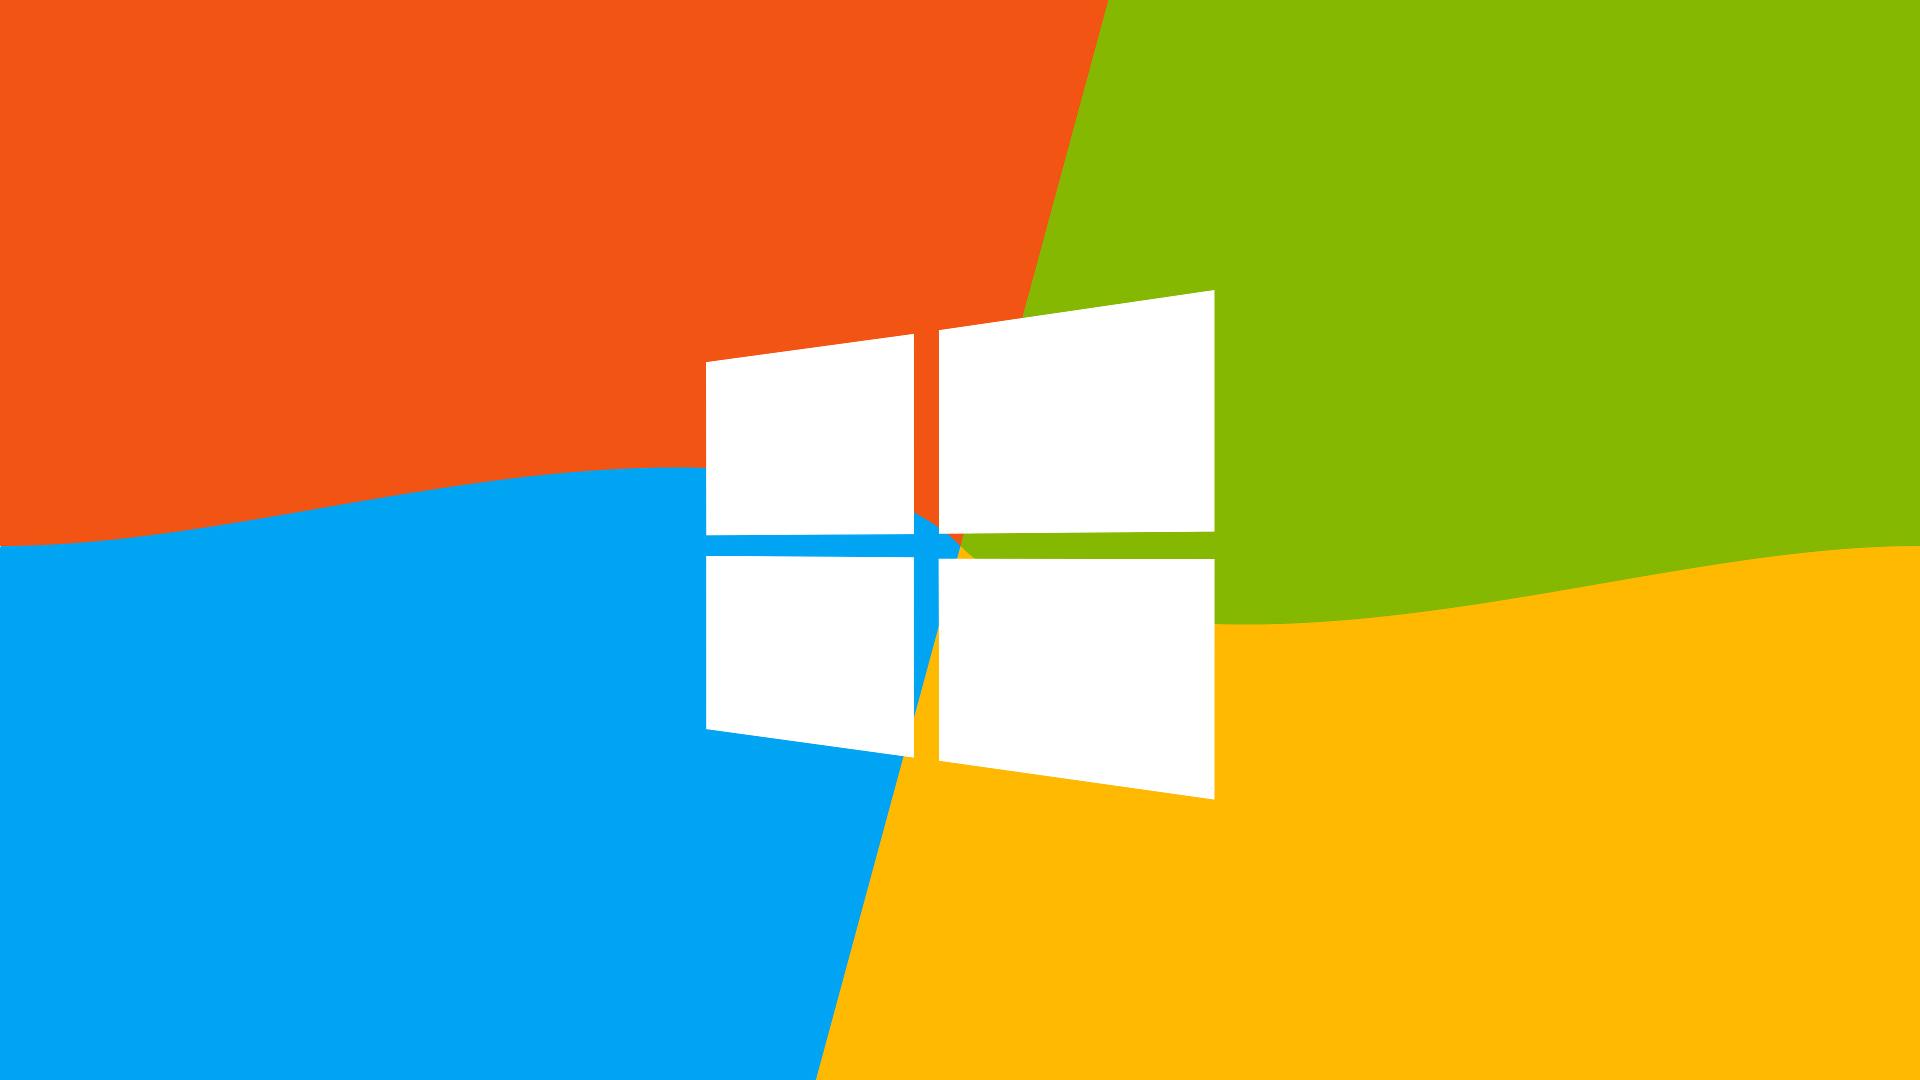 关于Windows服务器C盘权限被删除导致无法访问的解决办法